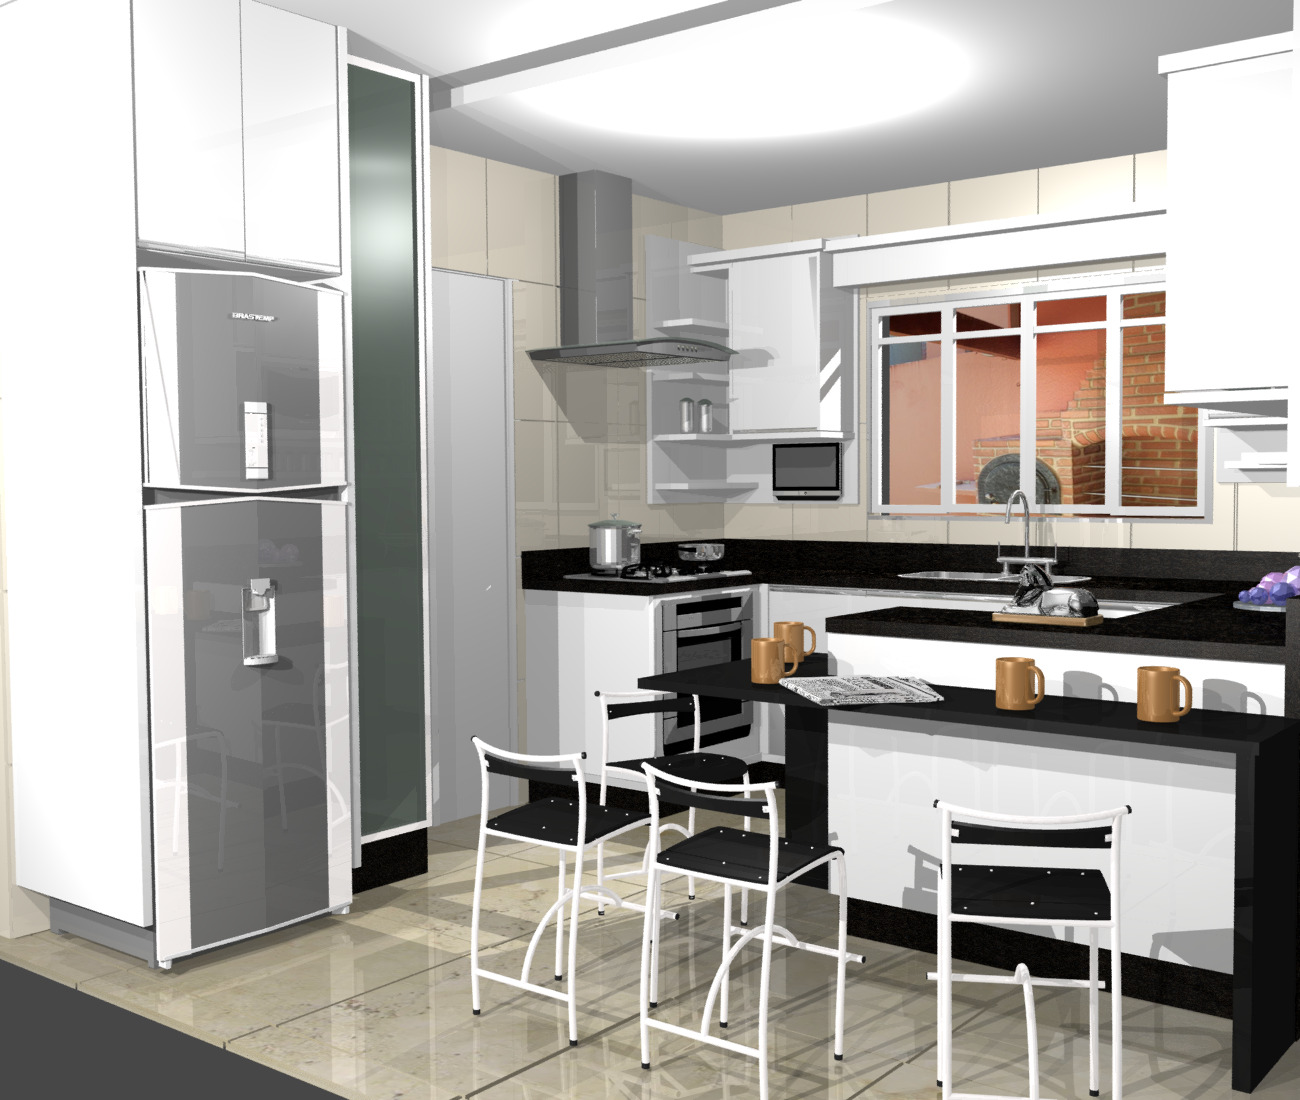 para cozinhas cozinhas planejadas dellano dellano cozinhas planejadas #935738 1300 1100